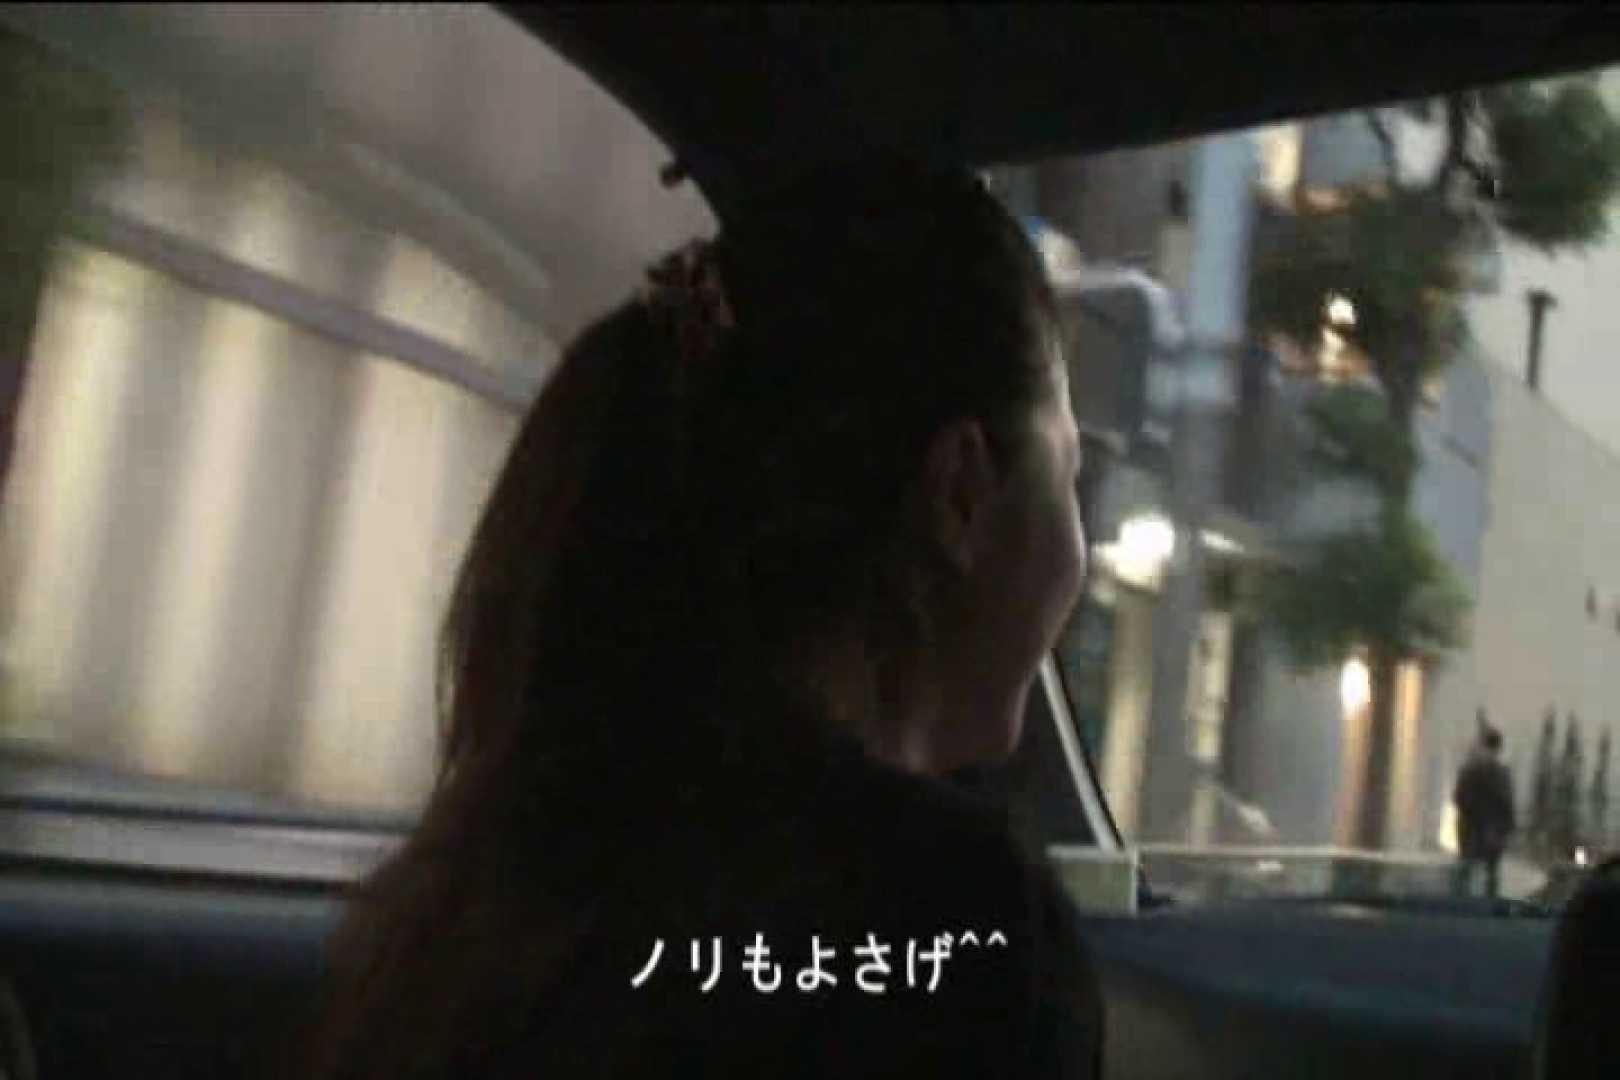 車内で初めまして! vol01 投稿 | ハプニング映像  102PIX 25